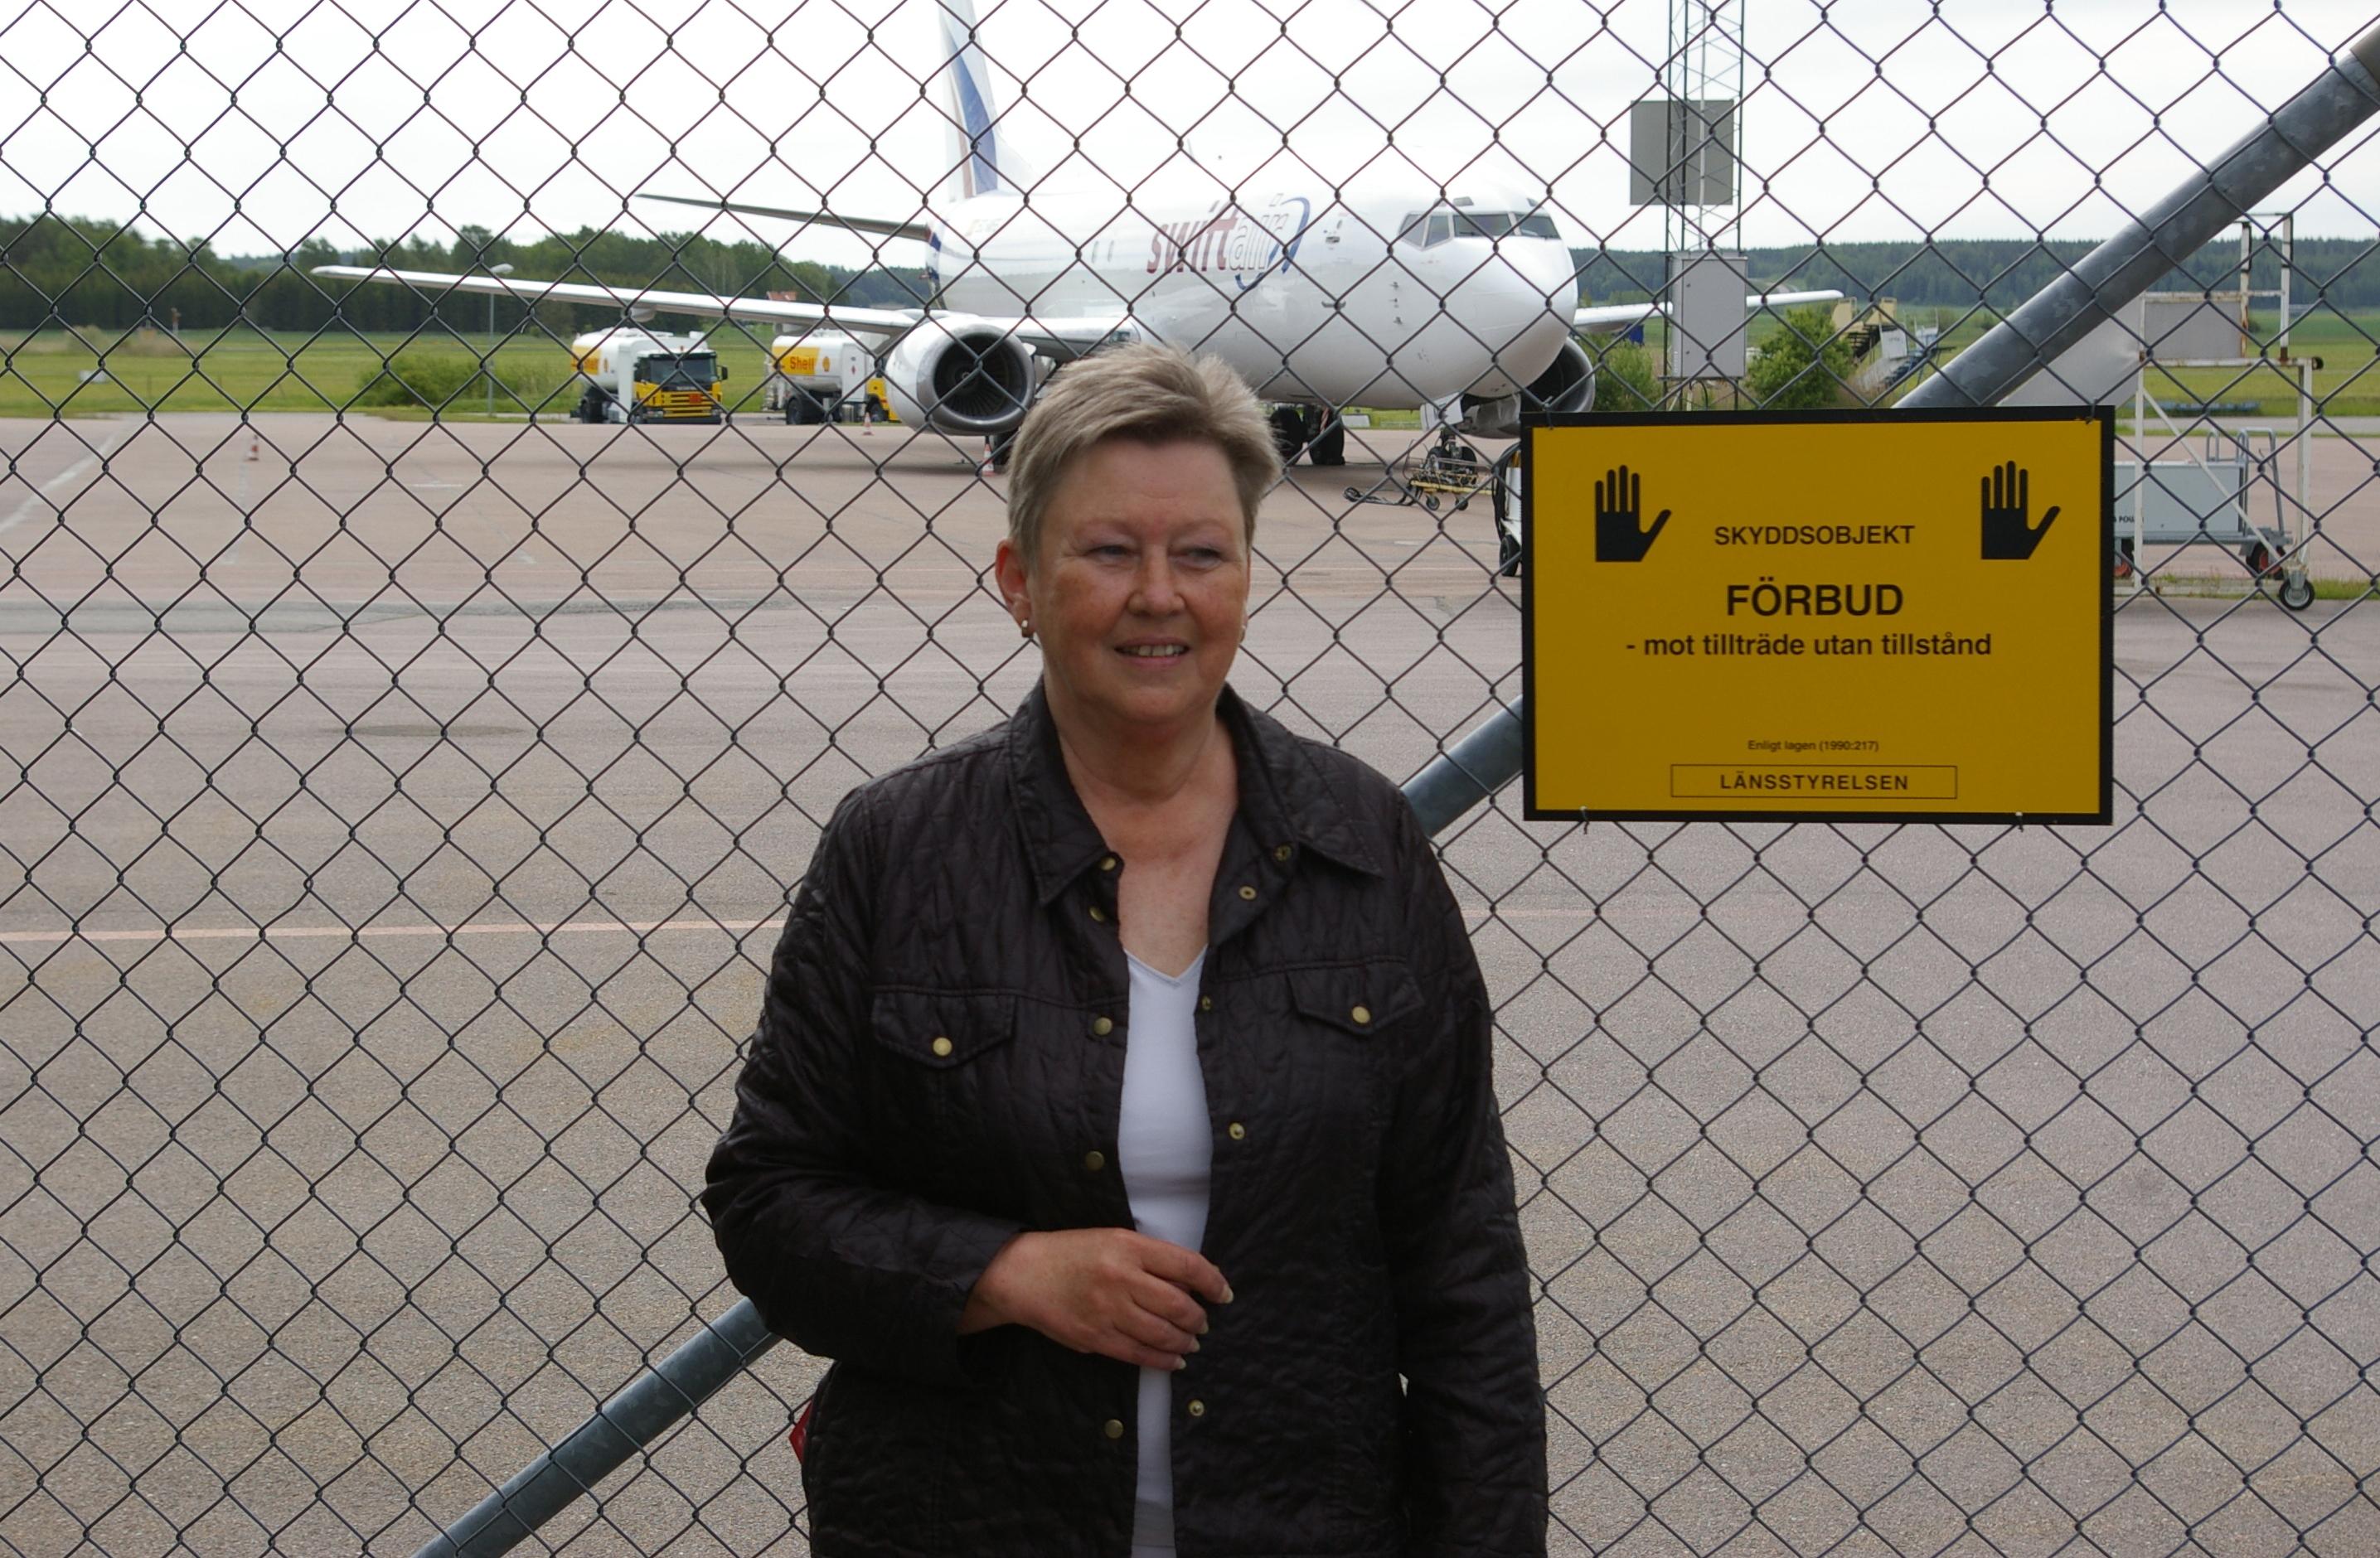 Lena Söderberg är socialdemokrat, fackligt aktiv, och ordförande för Västerås flygplats som har kontrakt med antifackliga Ryanair. Foto: Erik Hjärtberg